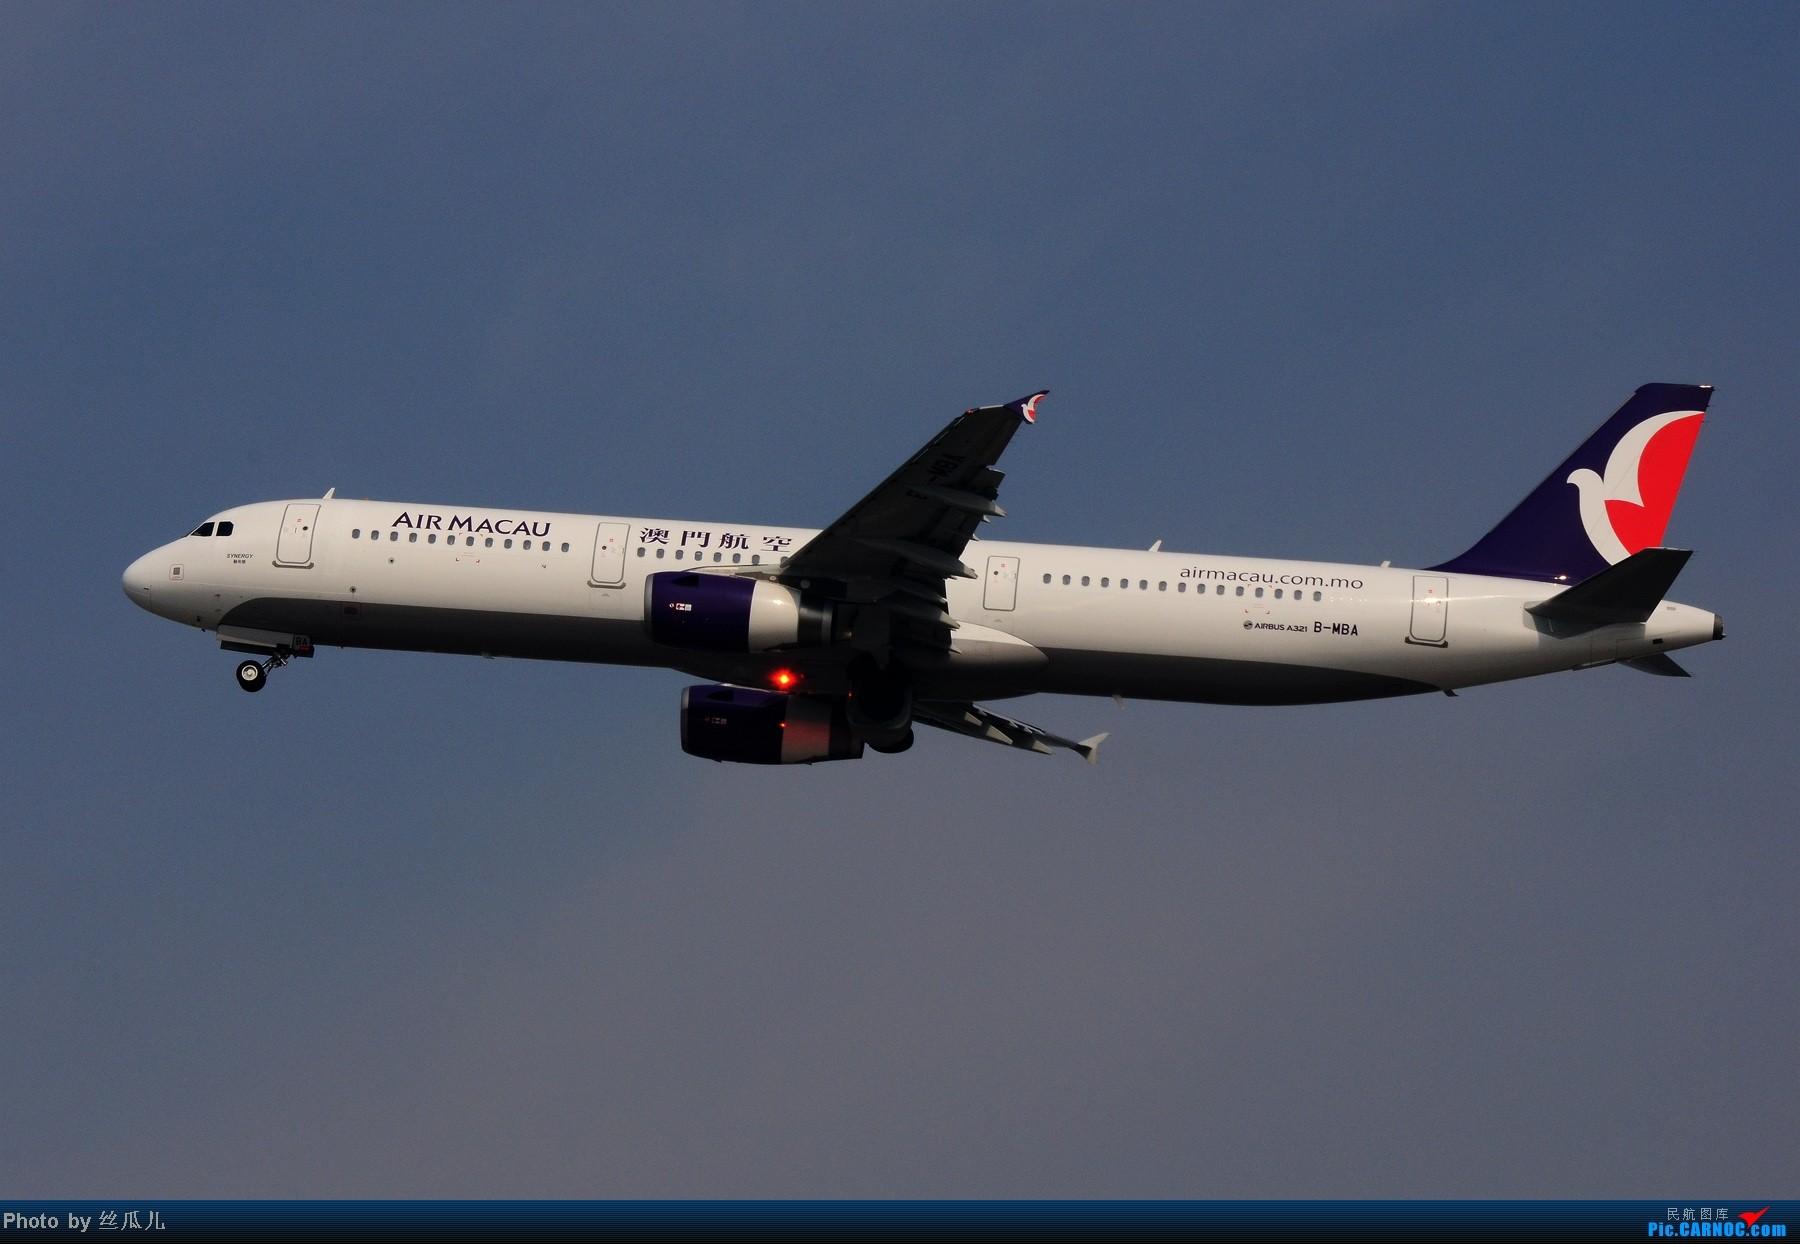 Re:[原创]2013年3月3日-萧山机场-晴 AIRBUS A321-200 B-MBA 中国杭州萧山机场